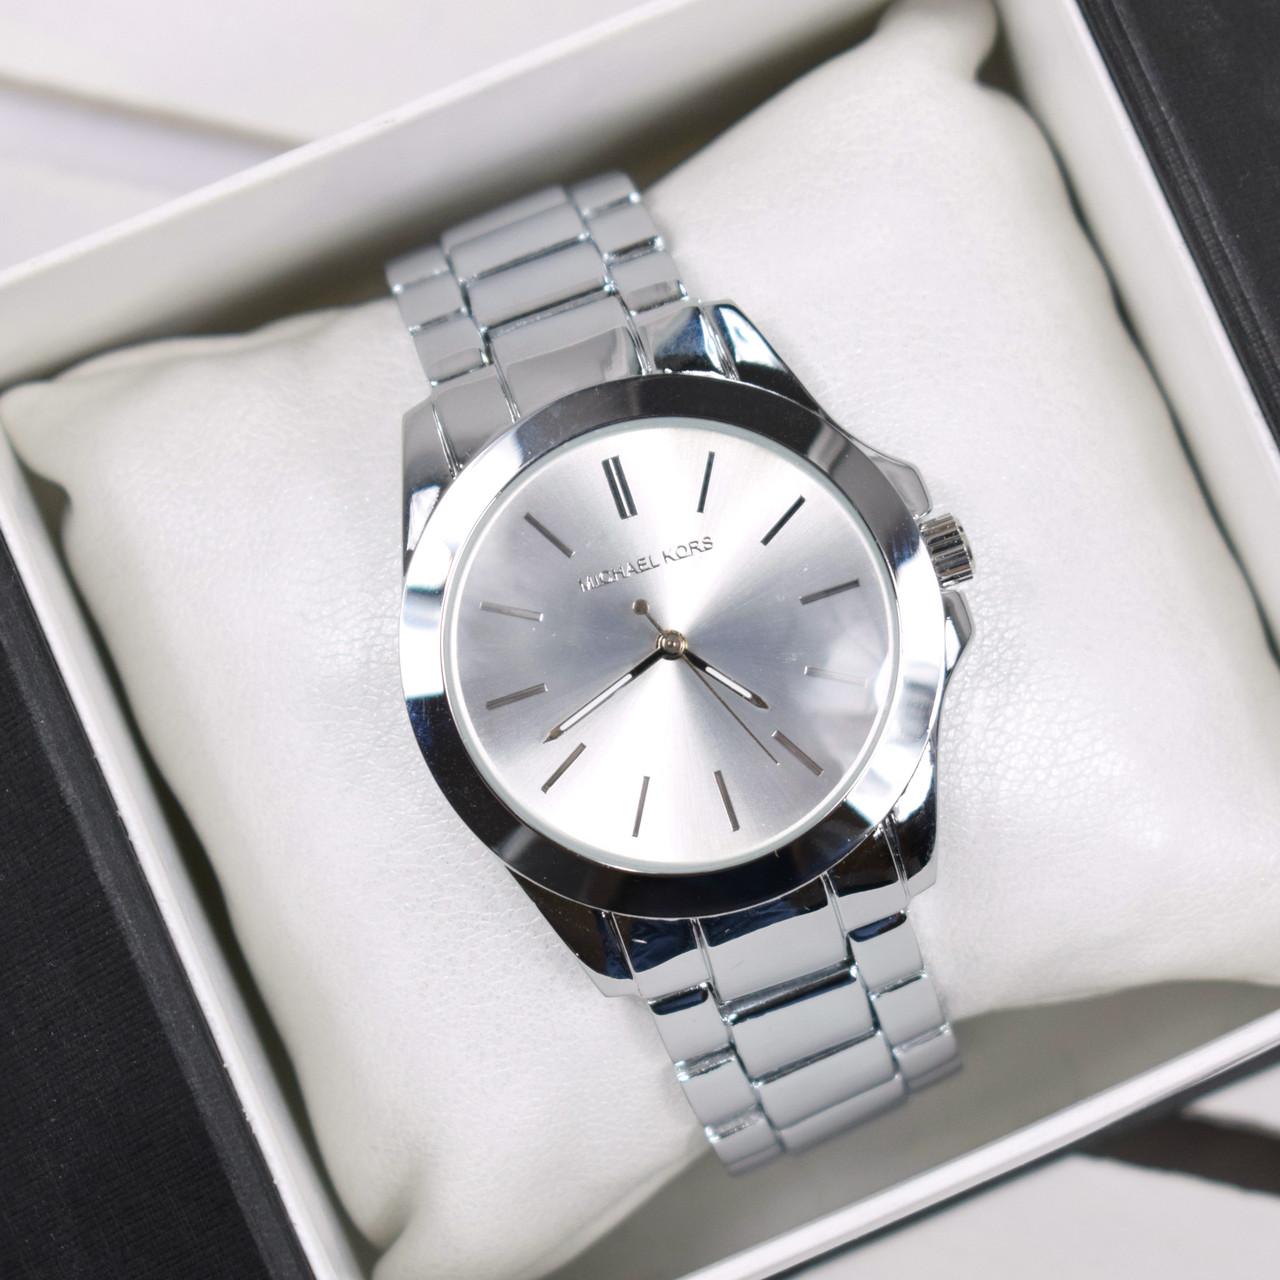 Часы женские наручные цена купить в купить карманные часы в самаре